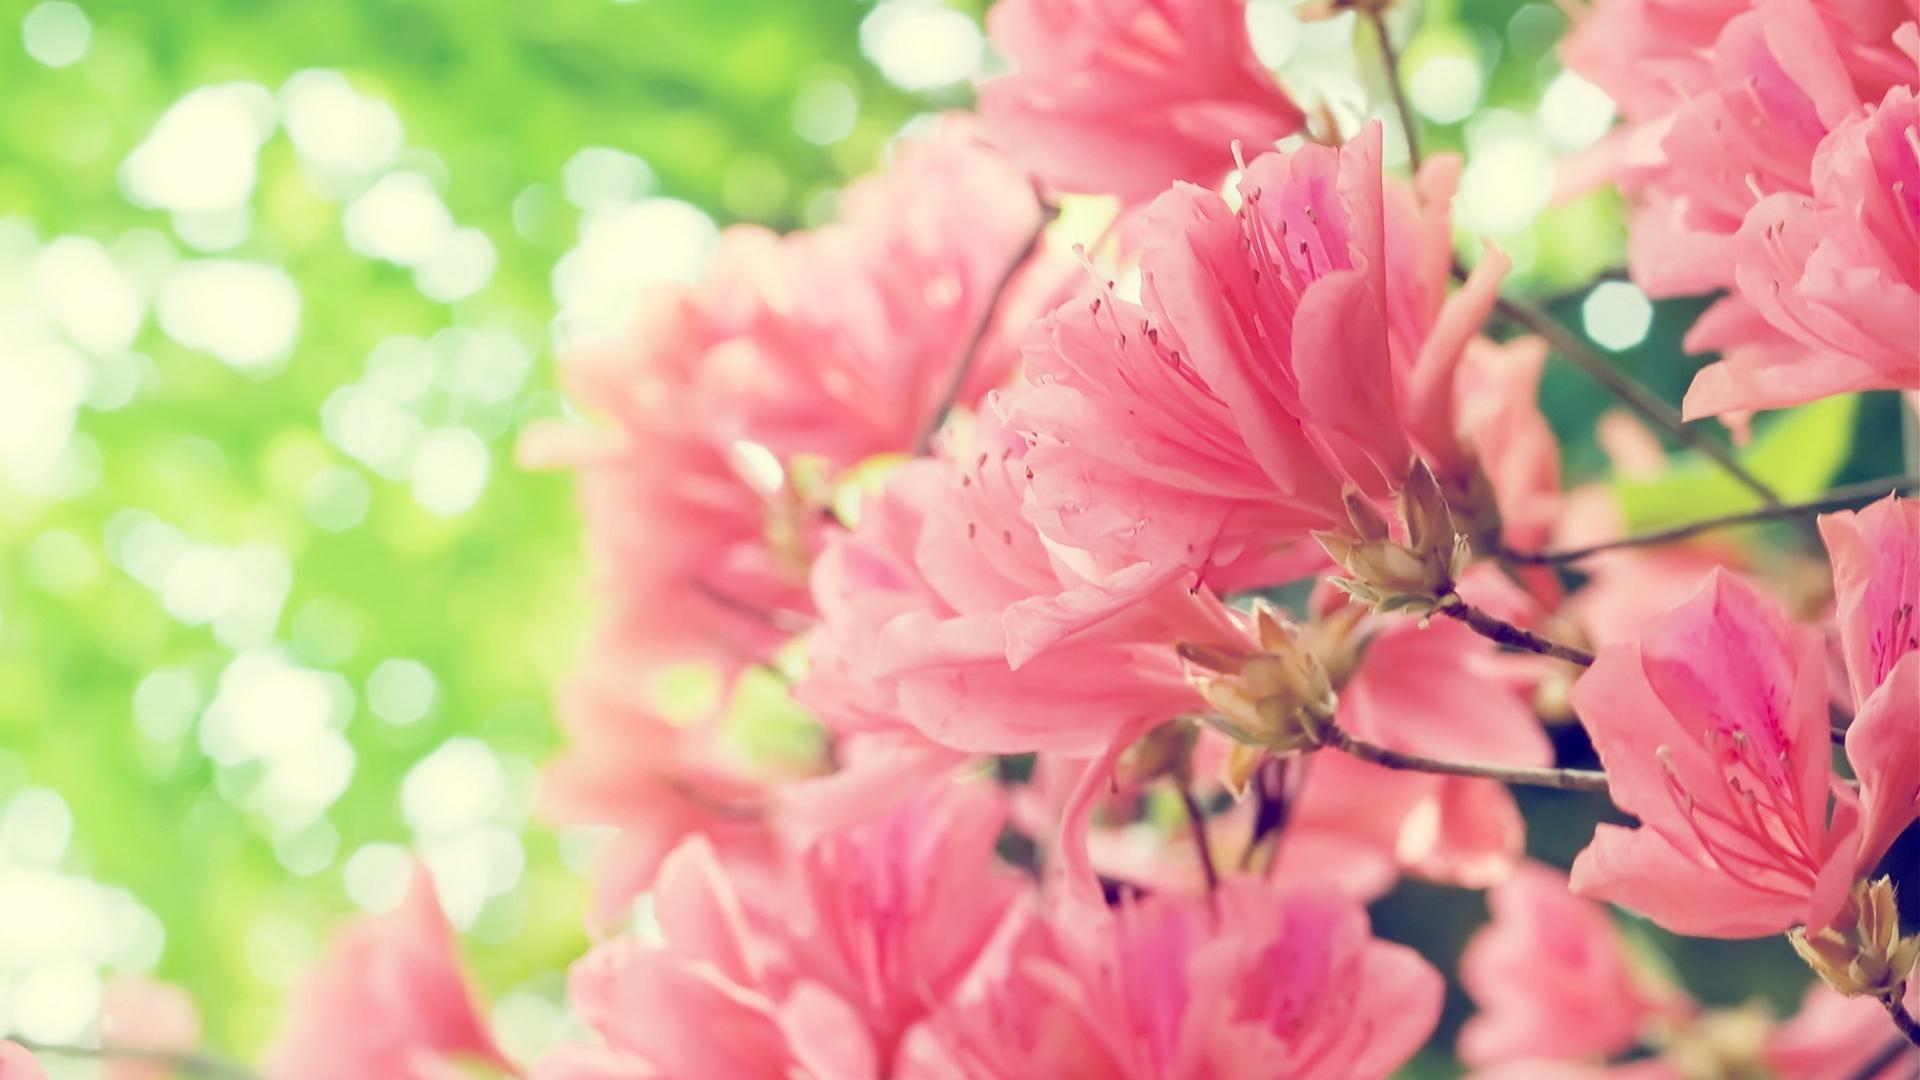 днях стало картинки цветы на рабочий стол большой формат полон очень интересных